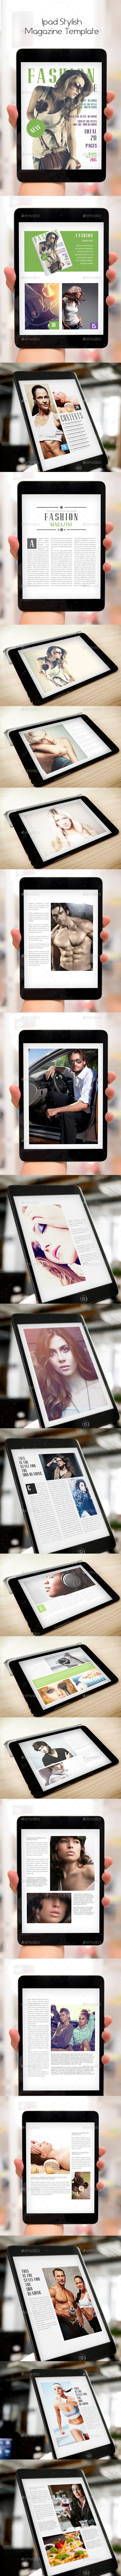 Ipad Stylish Magazine Template - Digital Magazines ePublishing